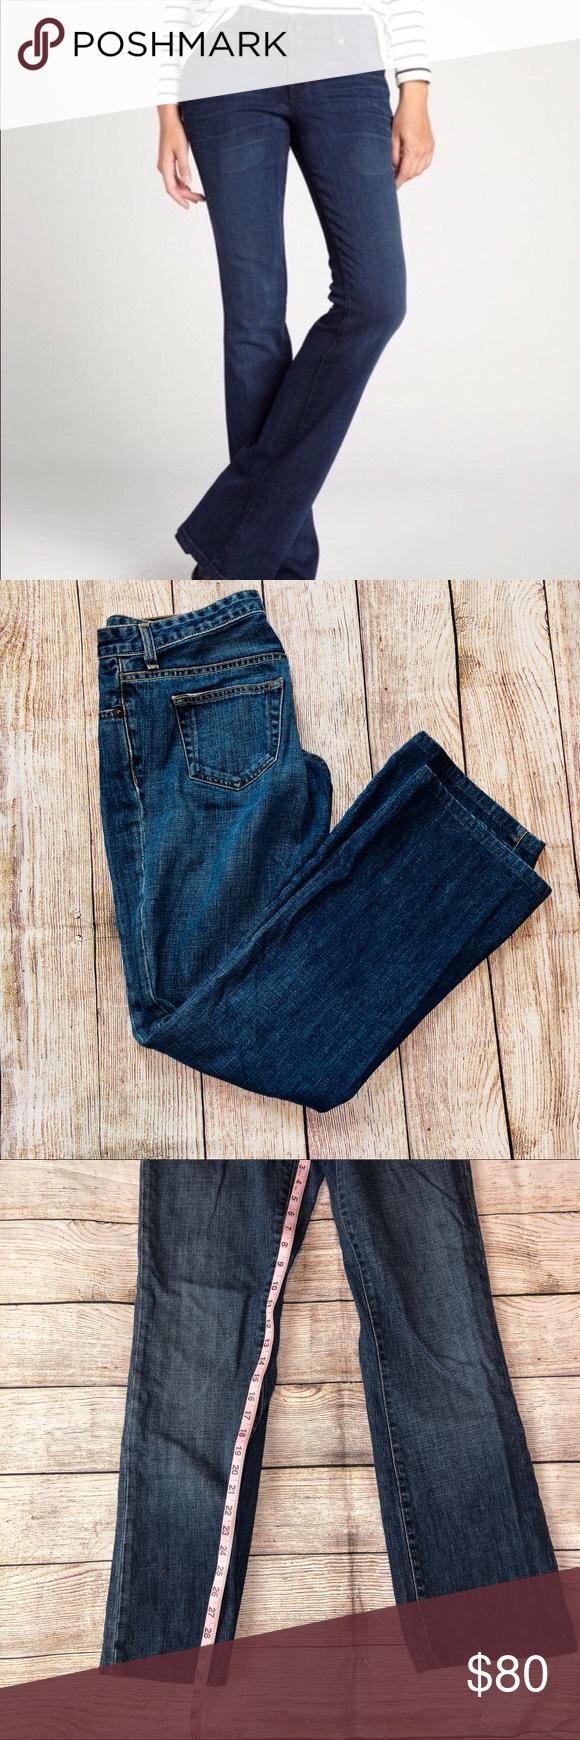 923425230 Ralph Lauren Polo Jeans Co Kelly Jean Boot Cut Ralph Lauren Polo Jeans Co  Low Rise